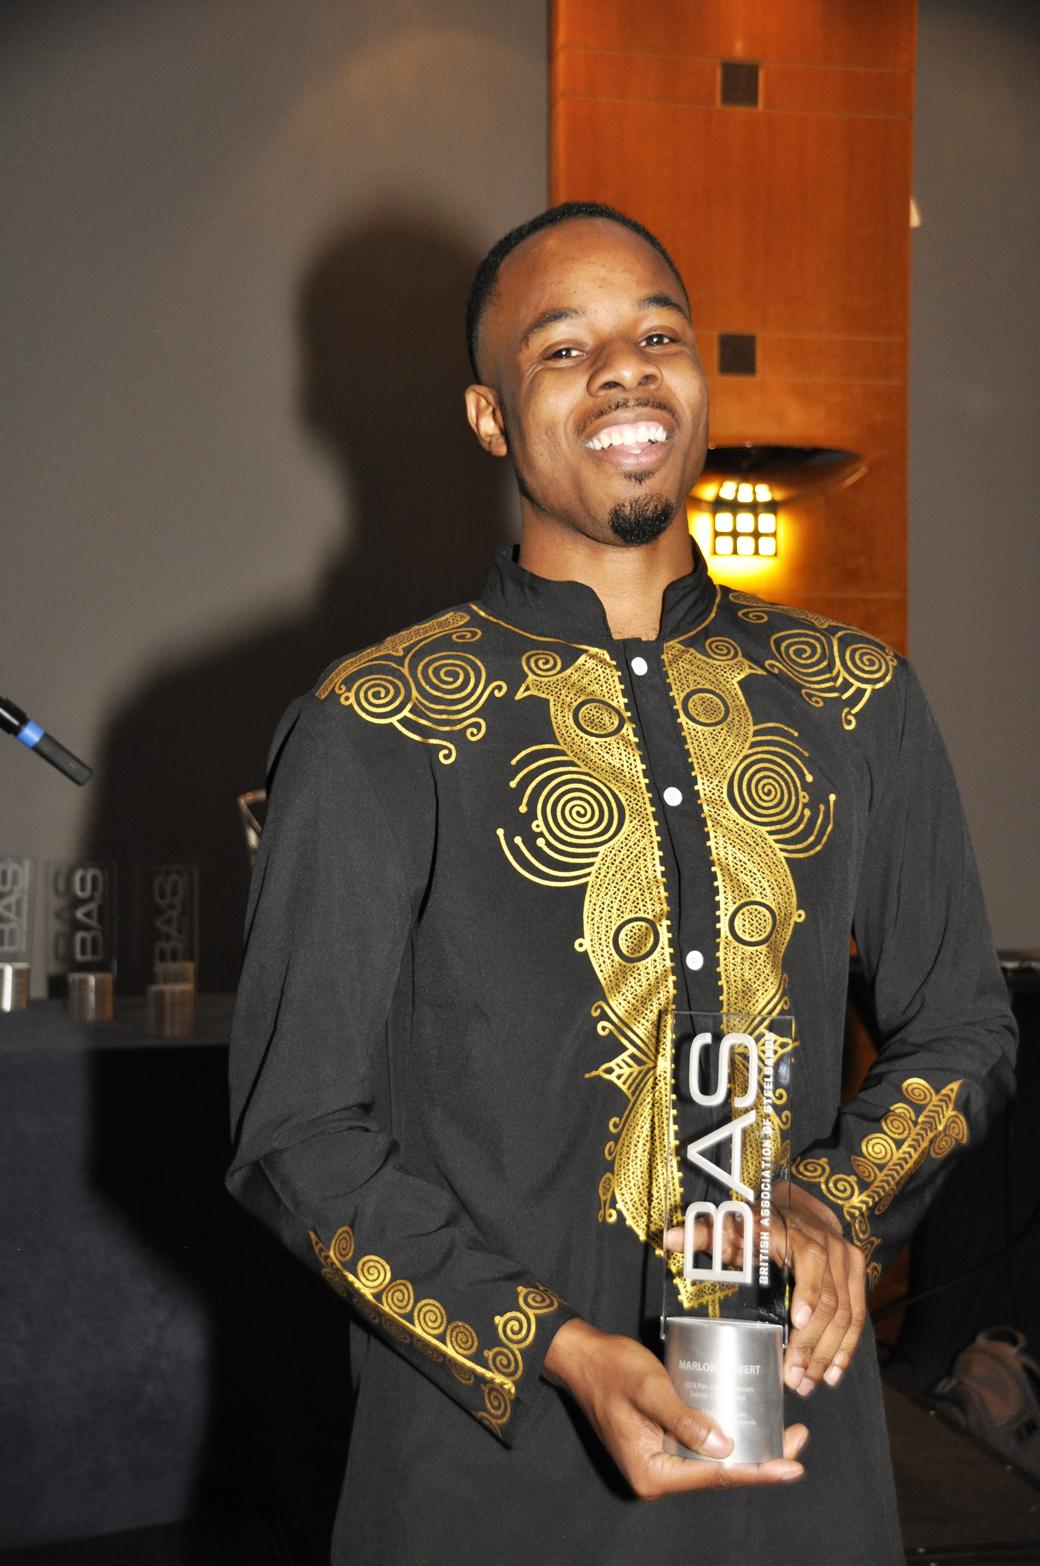 Marlon receiving his Pan Clash Award at the BAS Awards 2018.